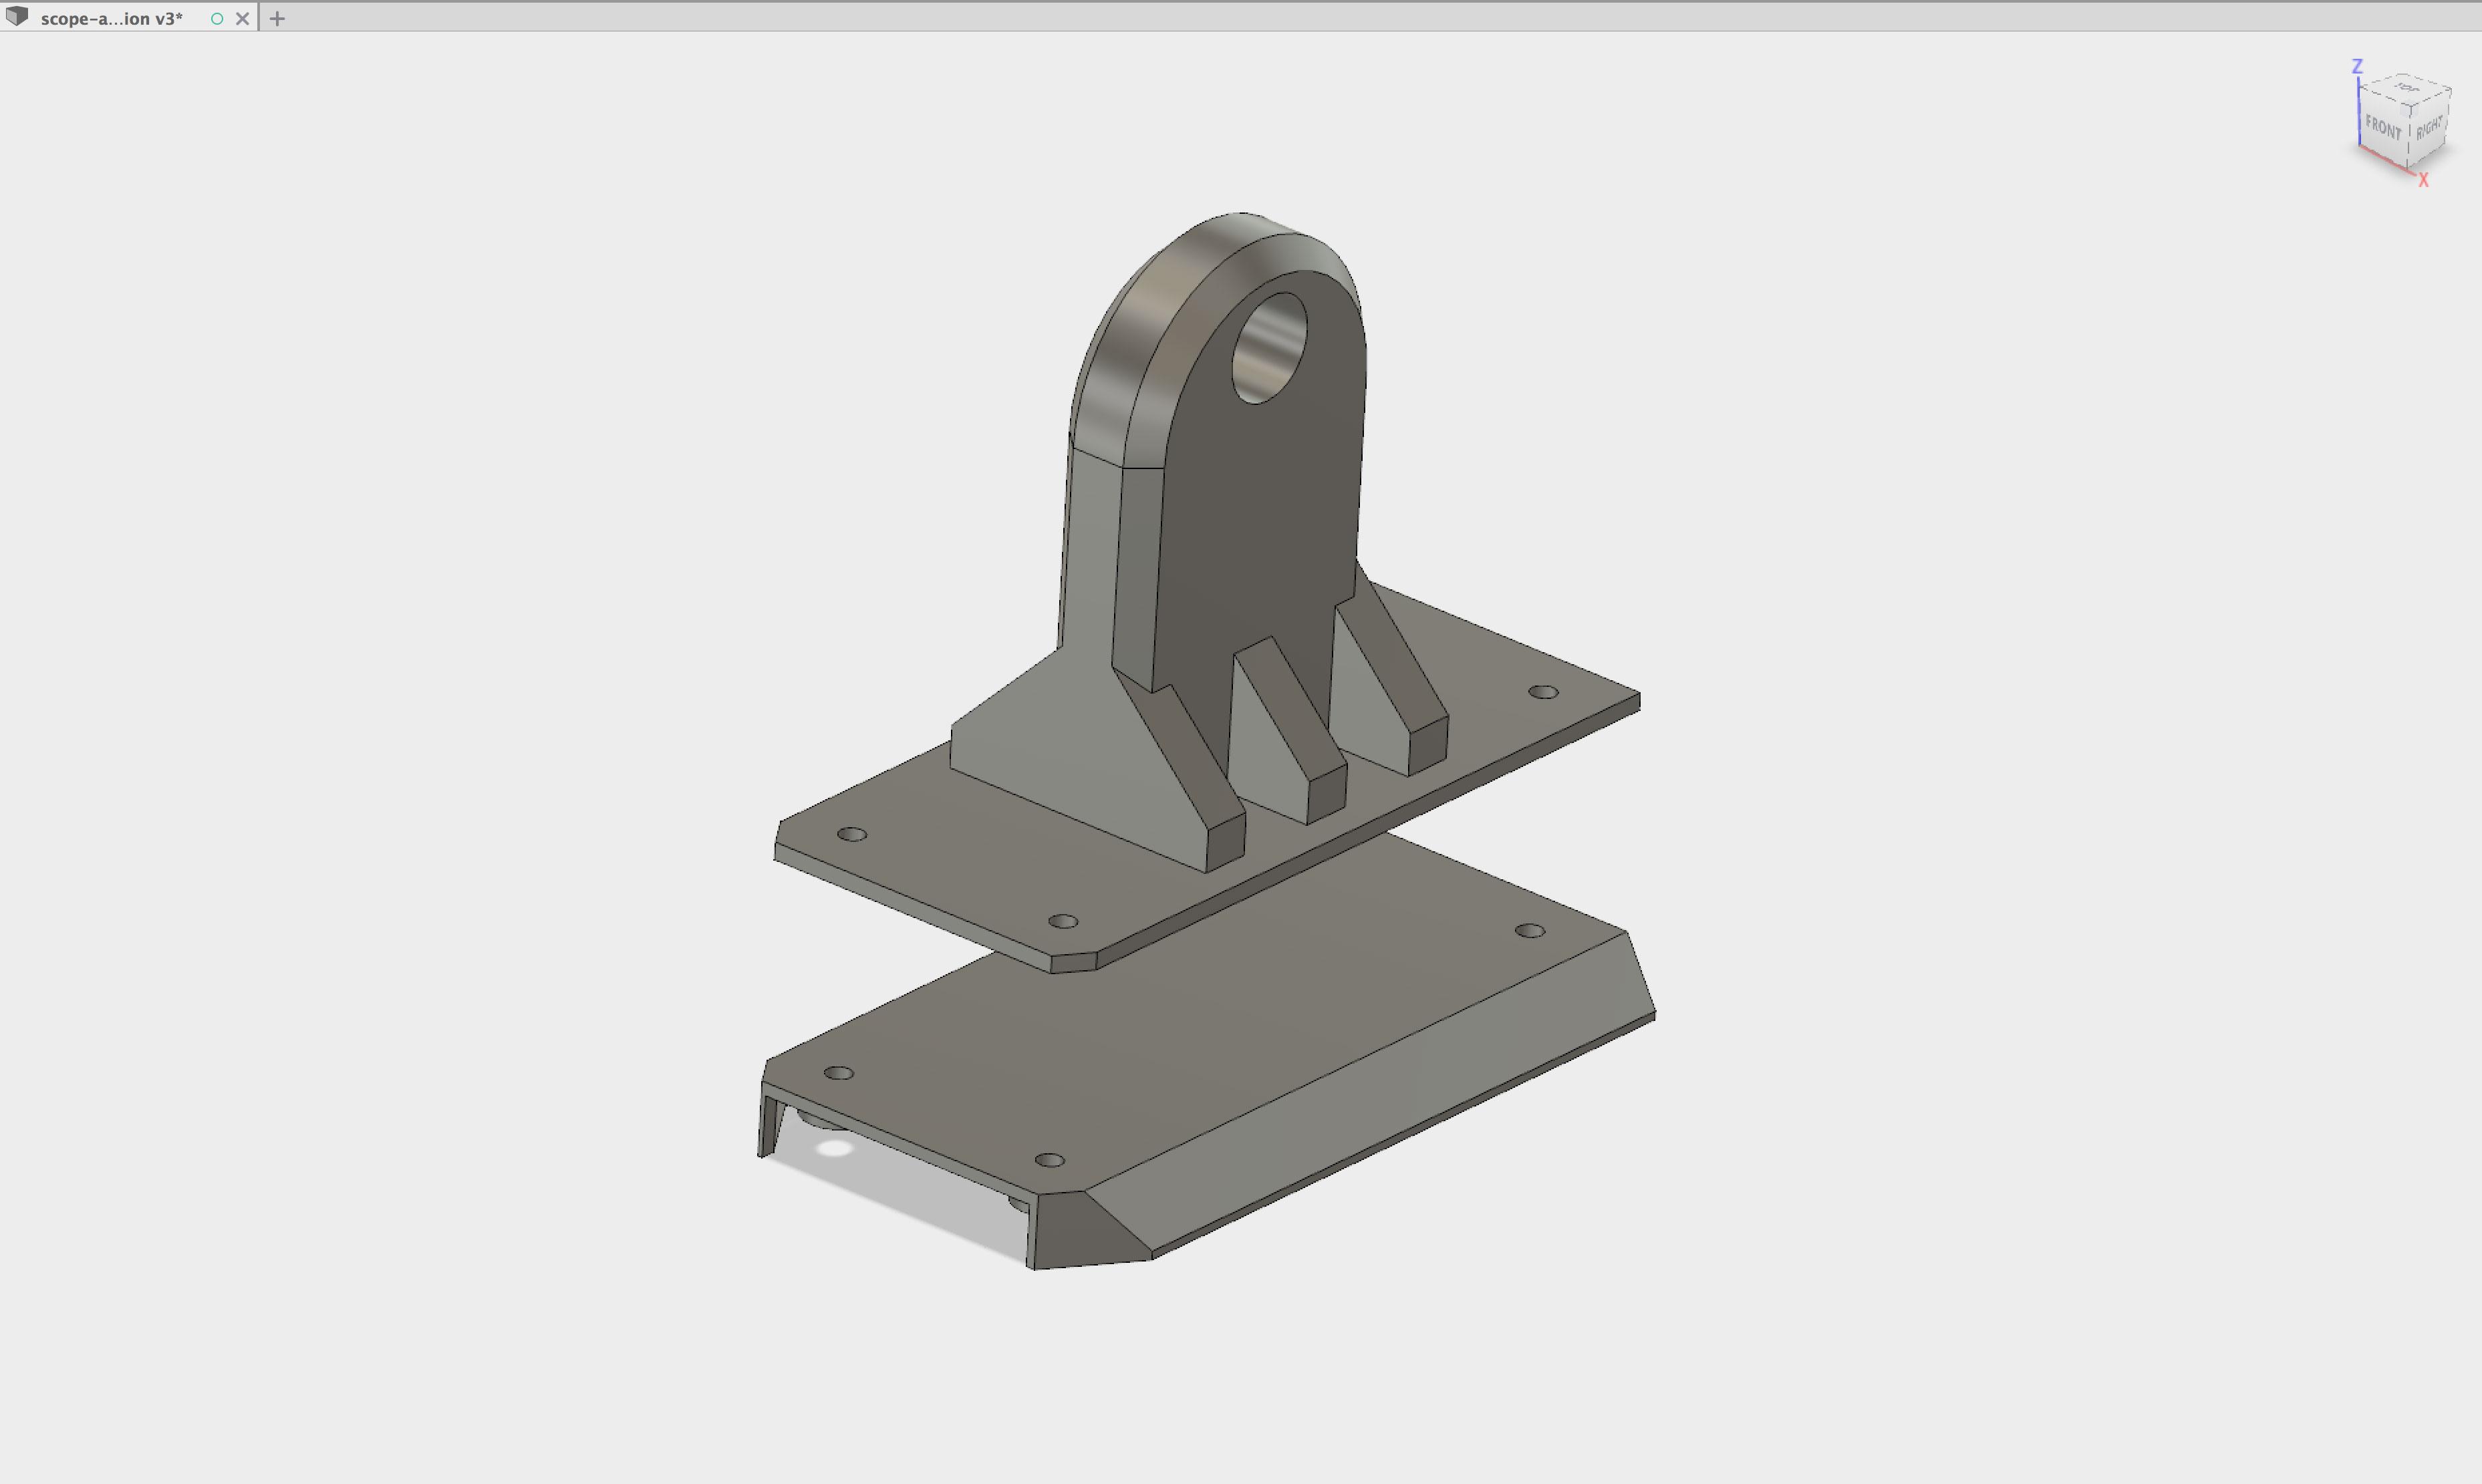 3d_printing_plate-knuckle.jpg